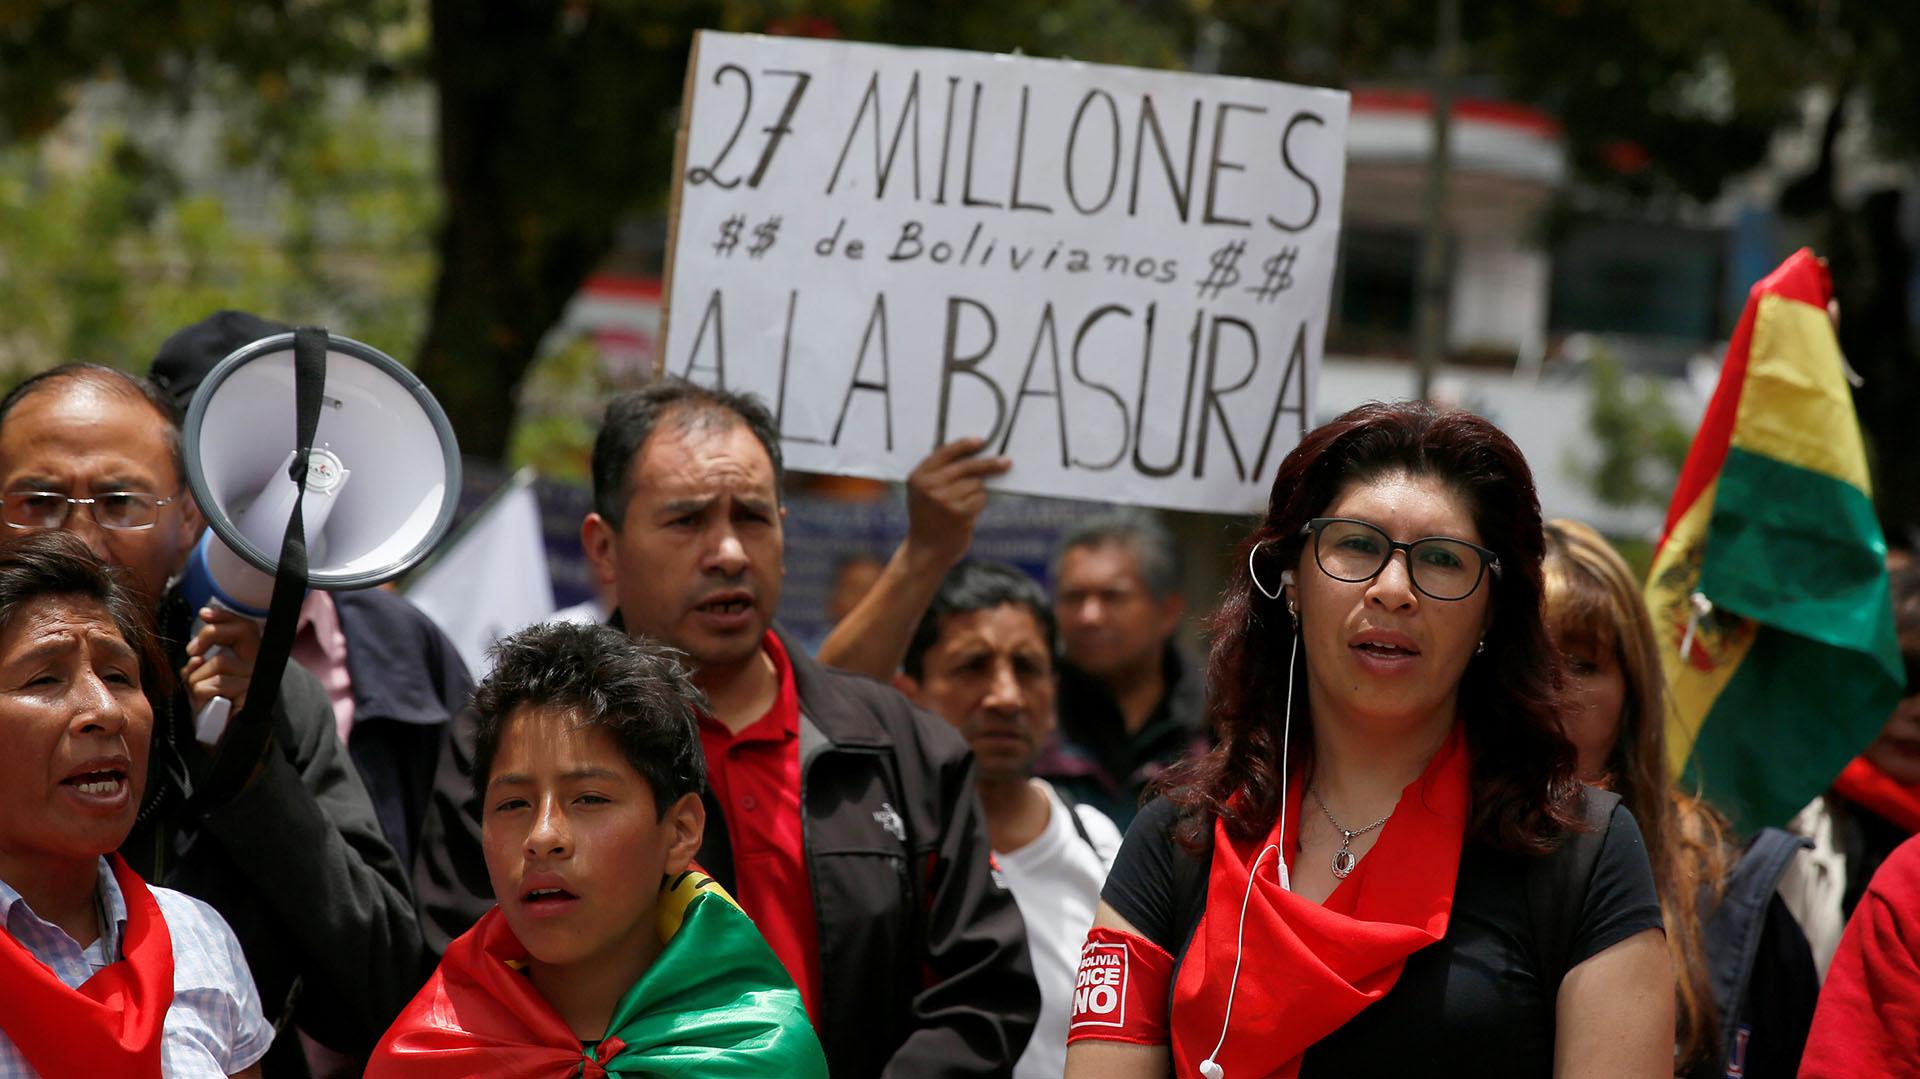 Un grupo de bolivianos se manifestó en contra de las elecciones primarias(REUTERS/David Mercado)